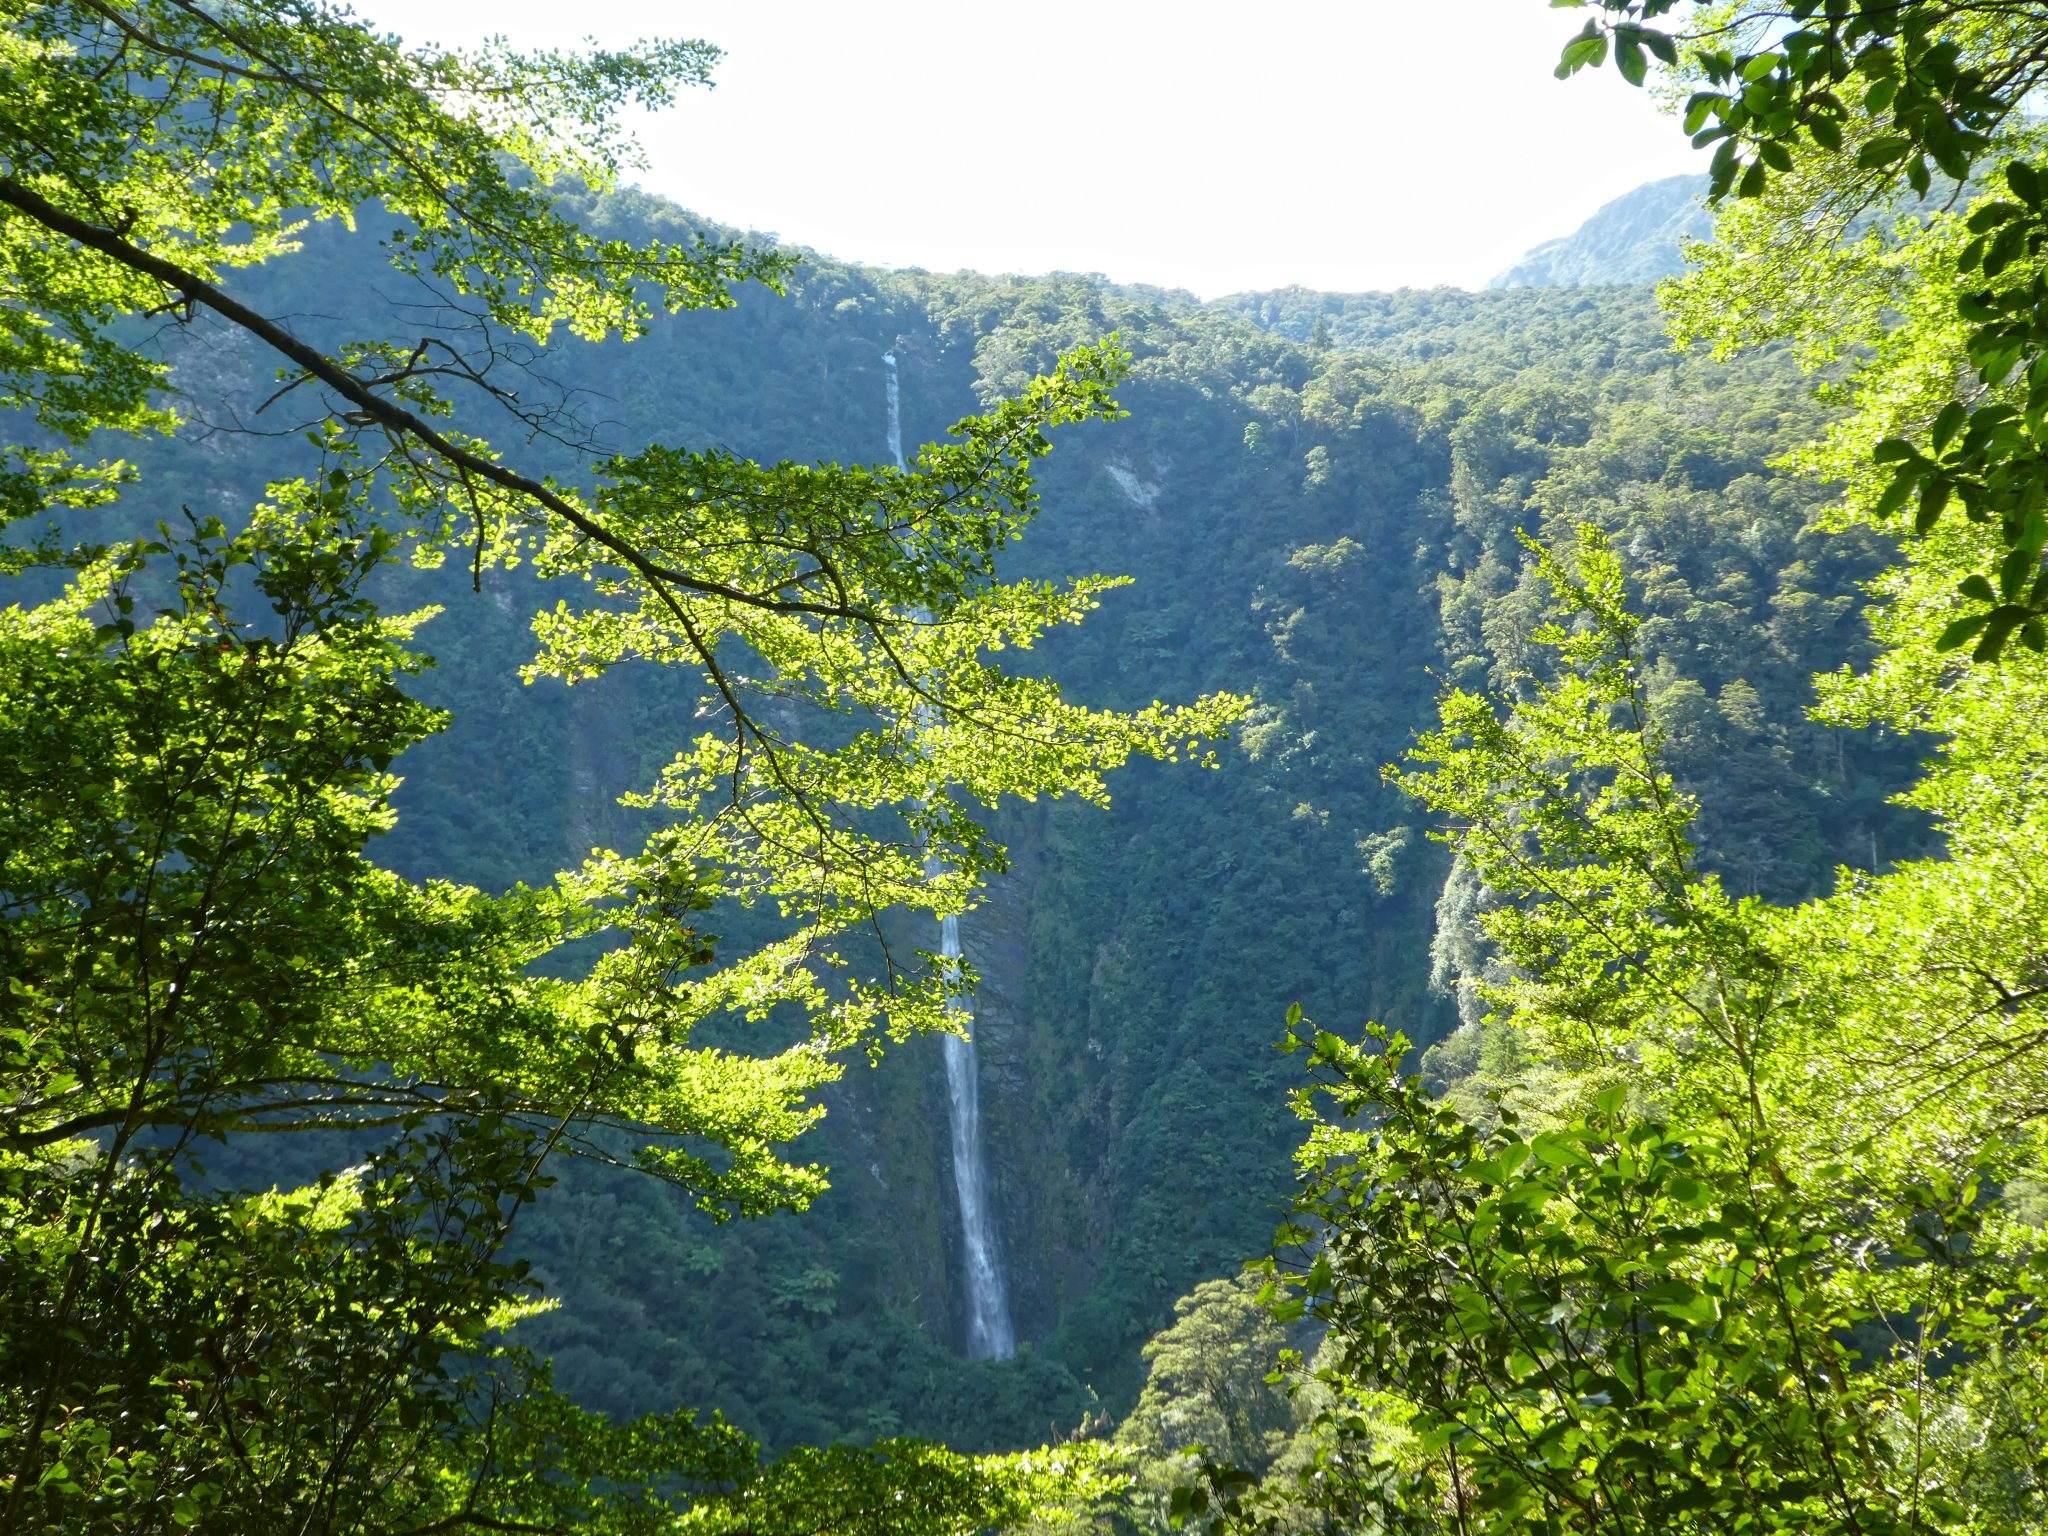 Humboldt Falls New Zealand